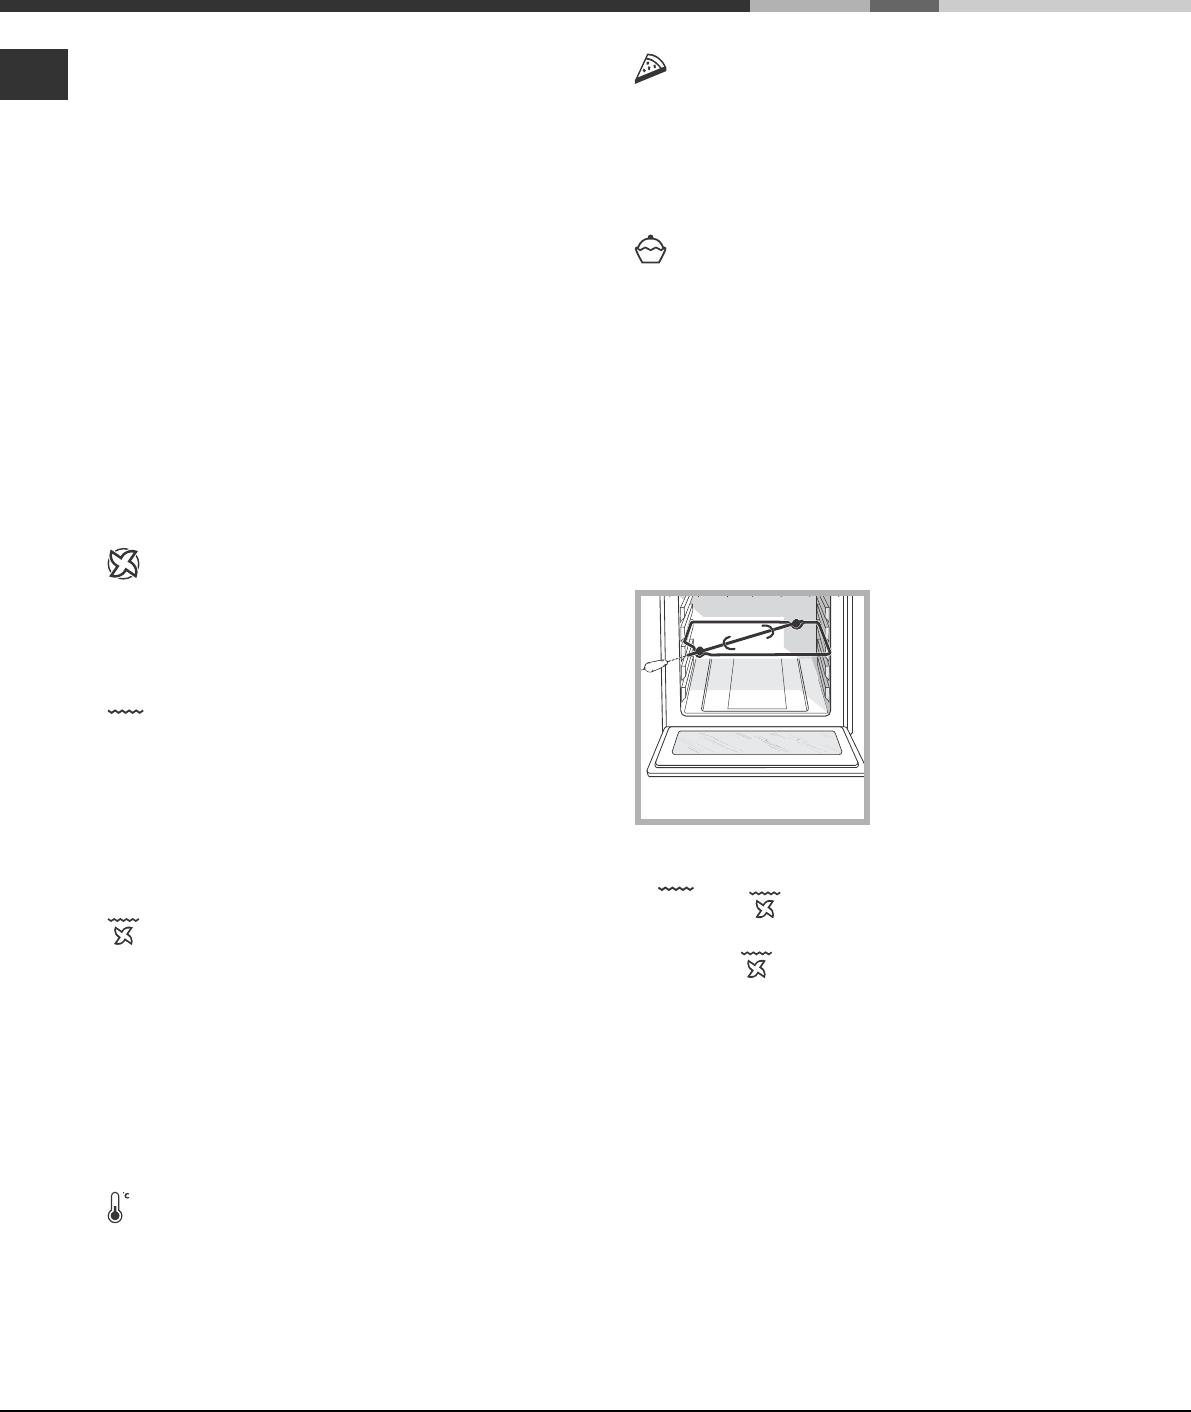 Handleiding Hotpoint Ariston Fk 1037 En 20 Pagina 52 Van 76